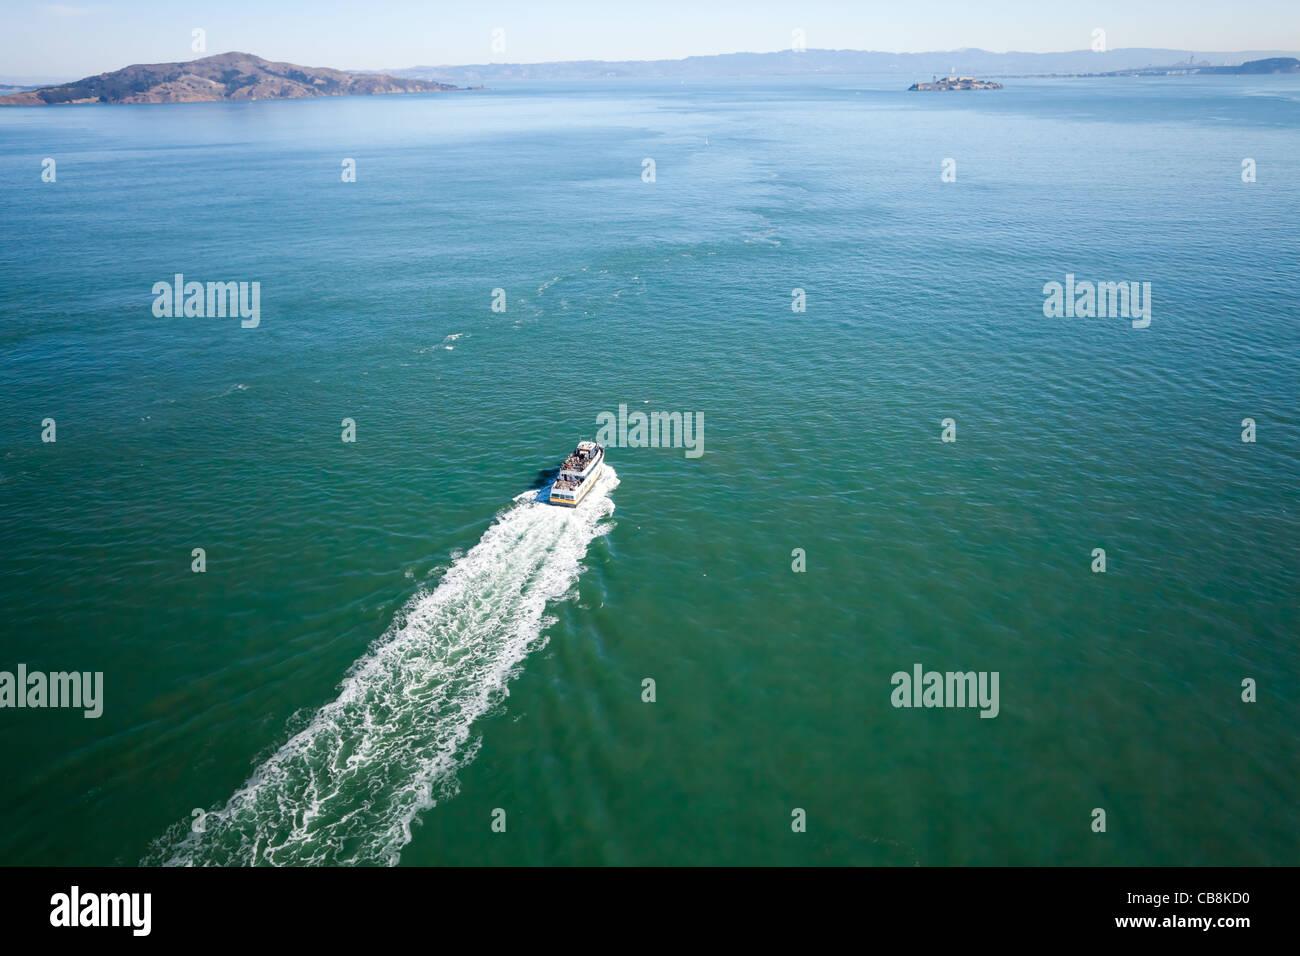 San Francisco bay and Alcatraz - Stock Image